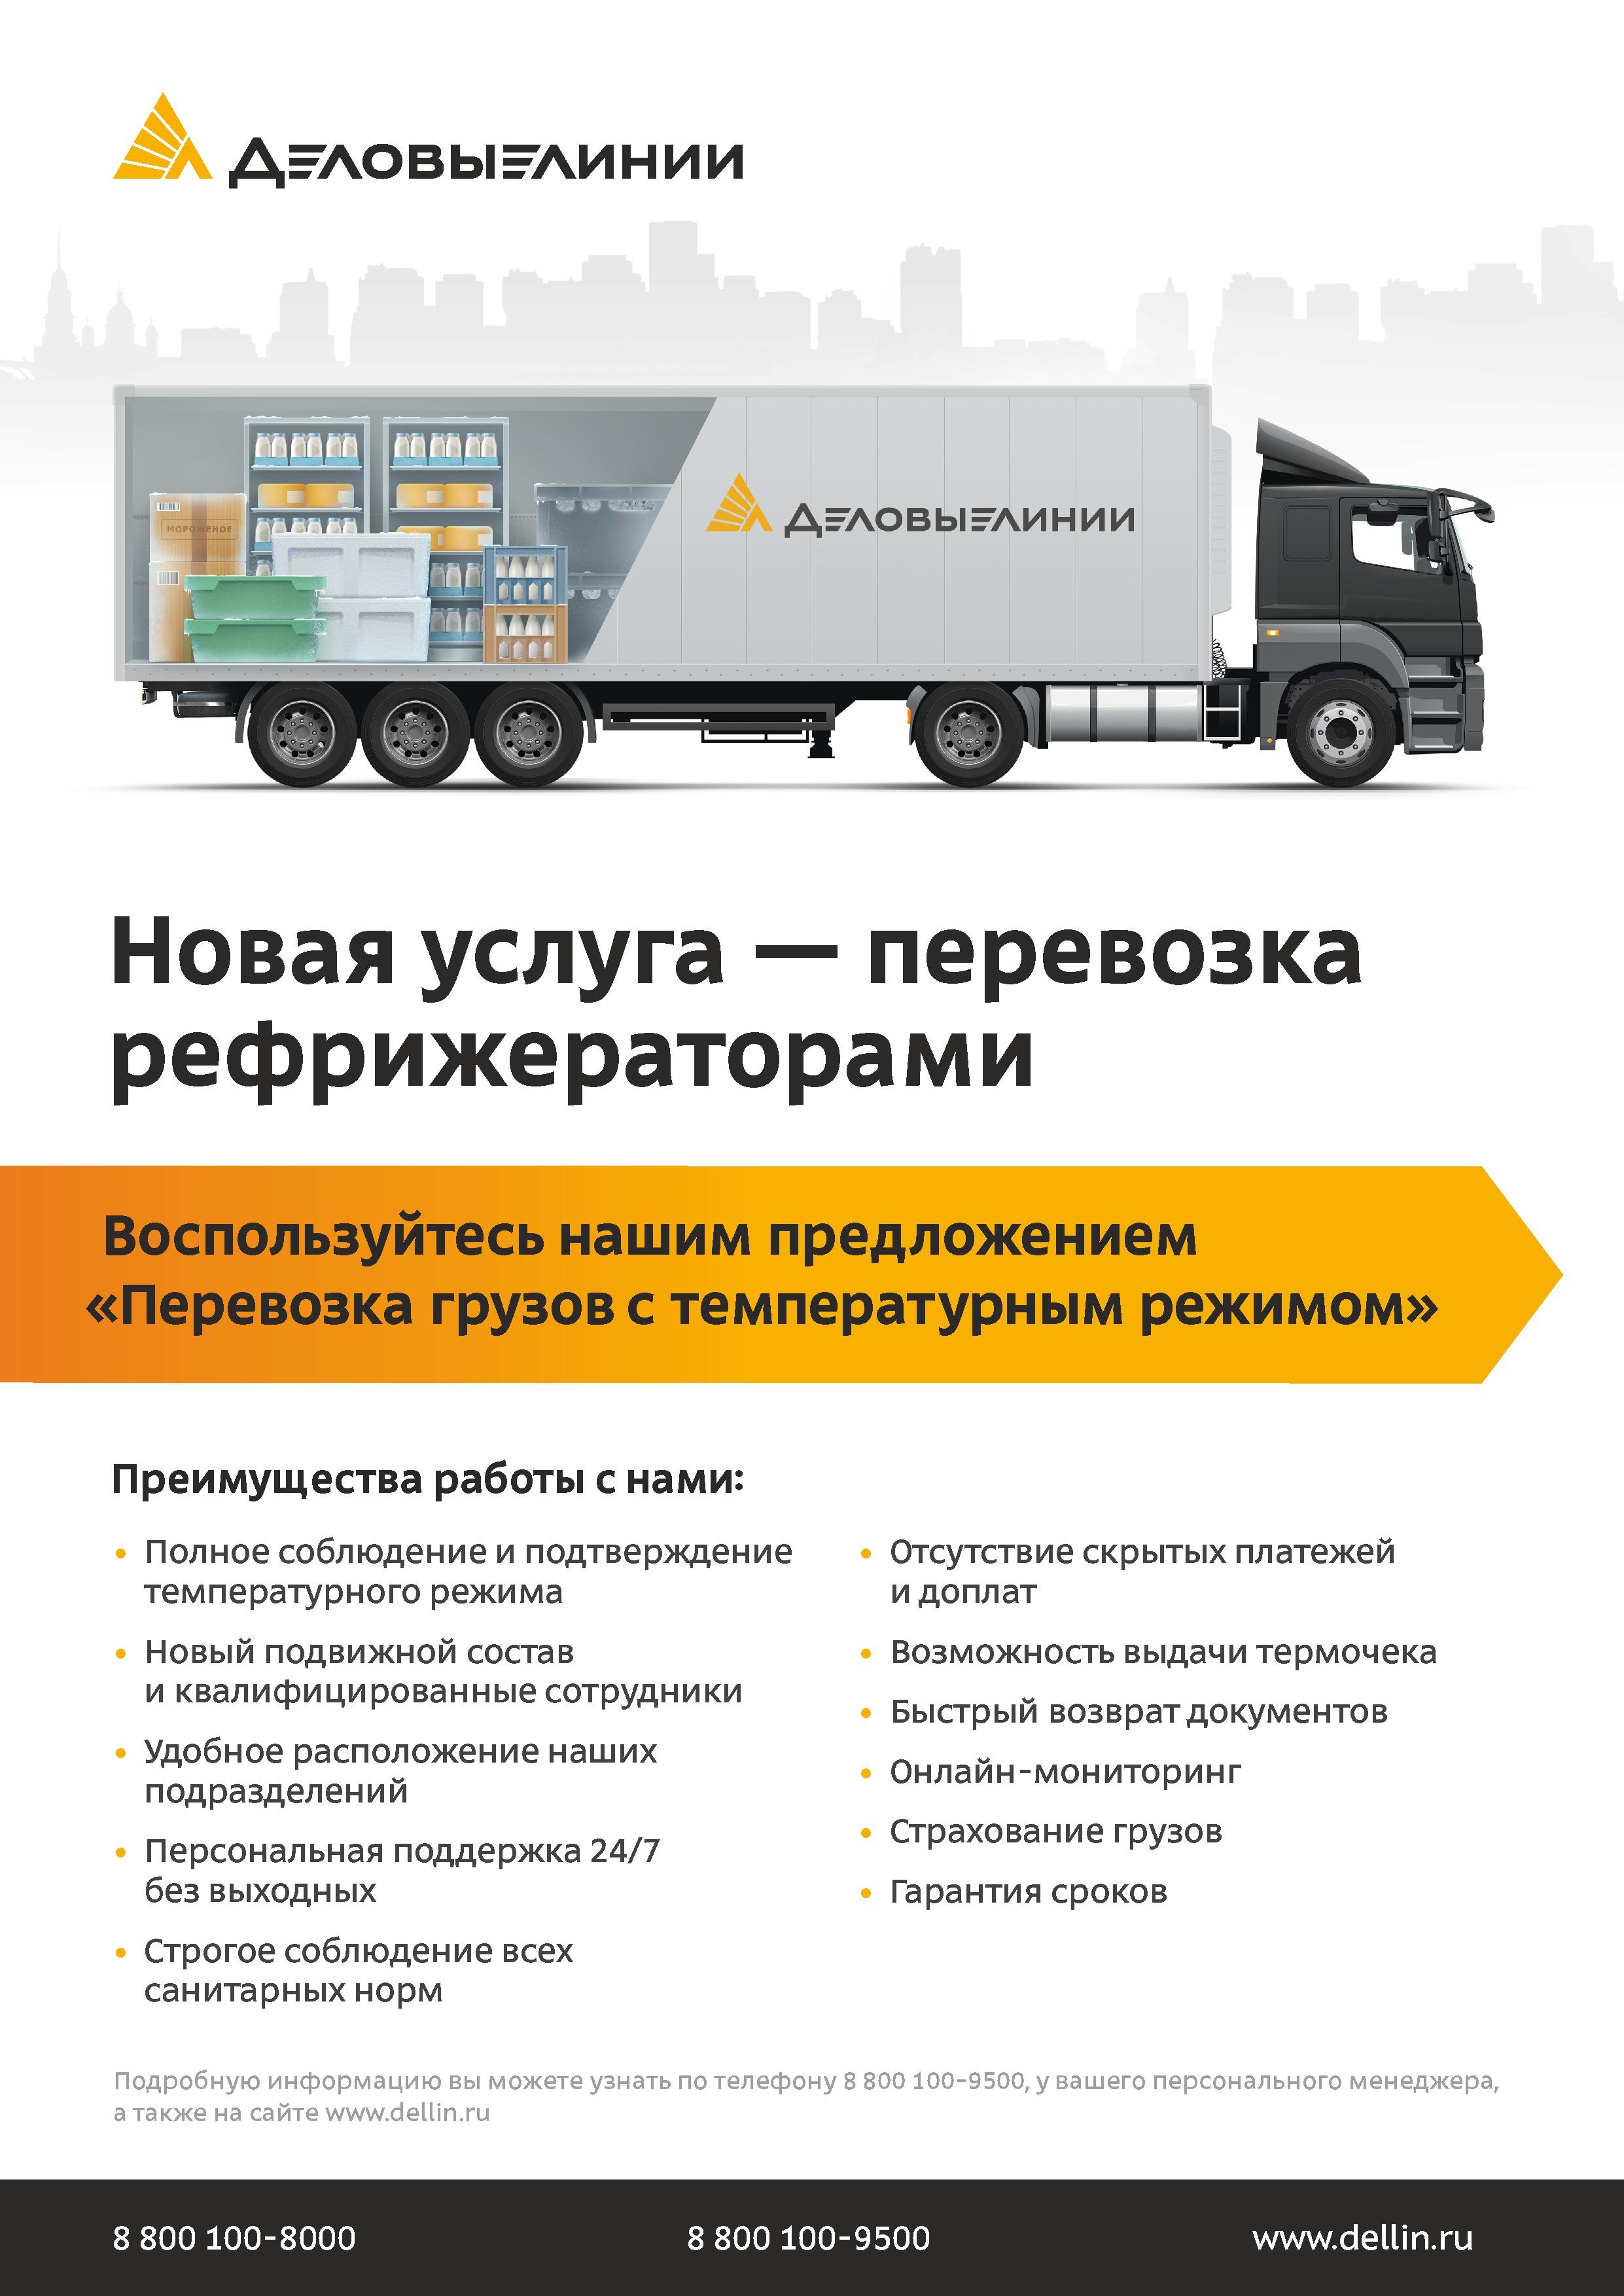 Листовка Деловые Линии «Новая услуга - перевозка рефрижераторами»